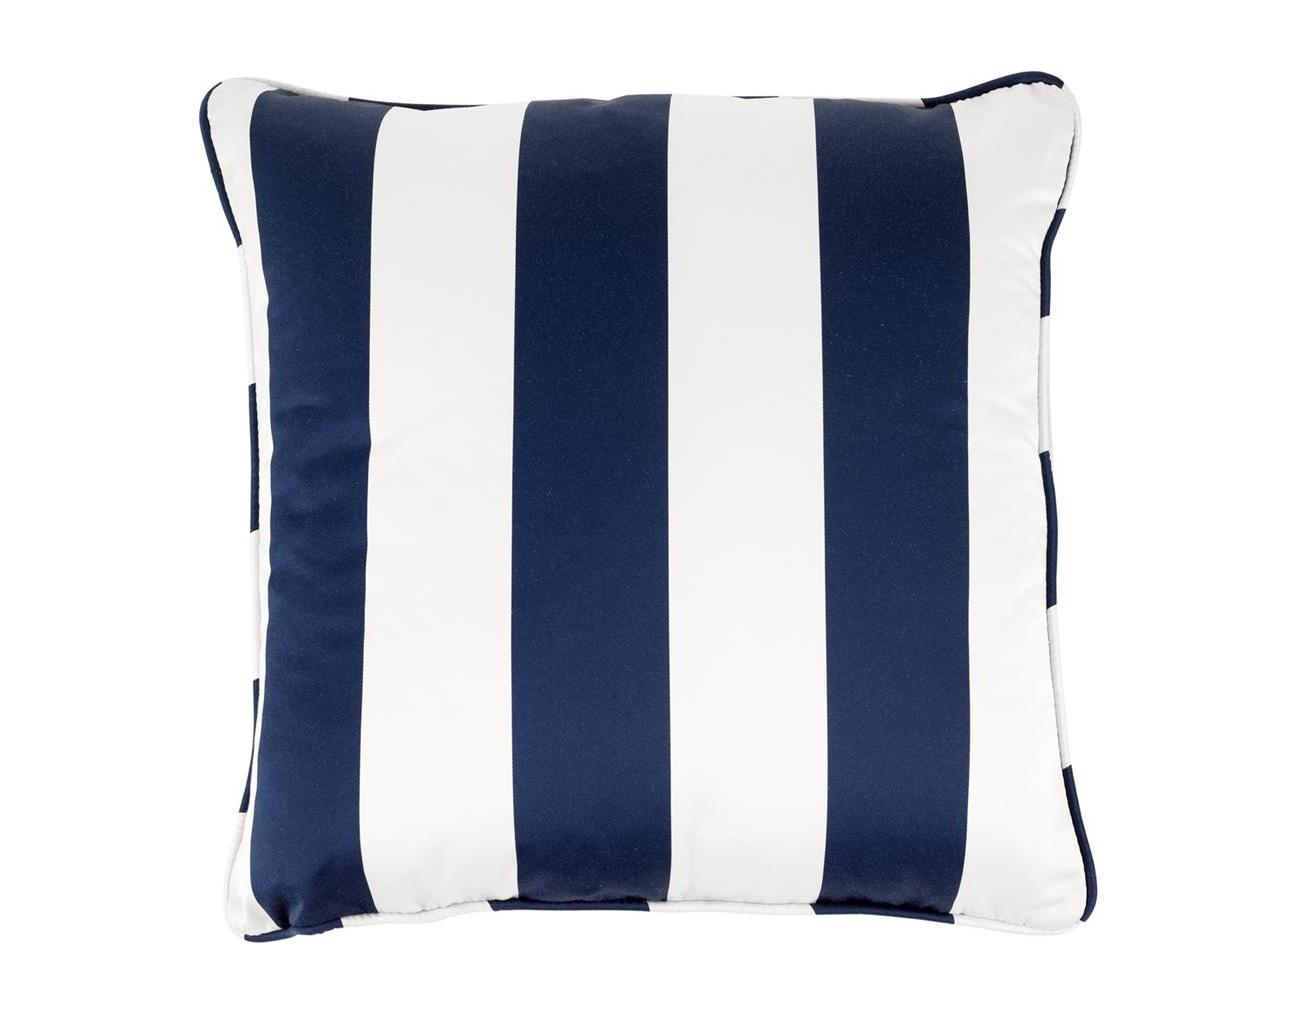 Подушка CalviКвадратные подушки и наволочки<br><br><br>Material: Текстиль<br>Ширина см: 60<br>Высота см: 60